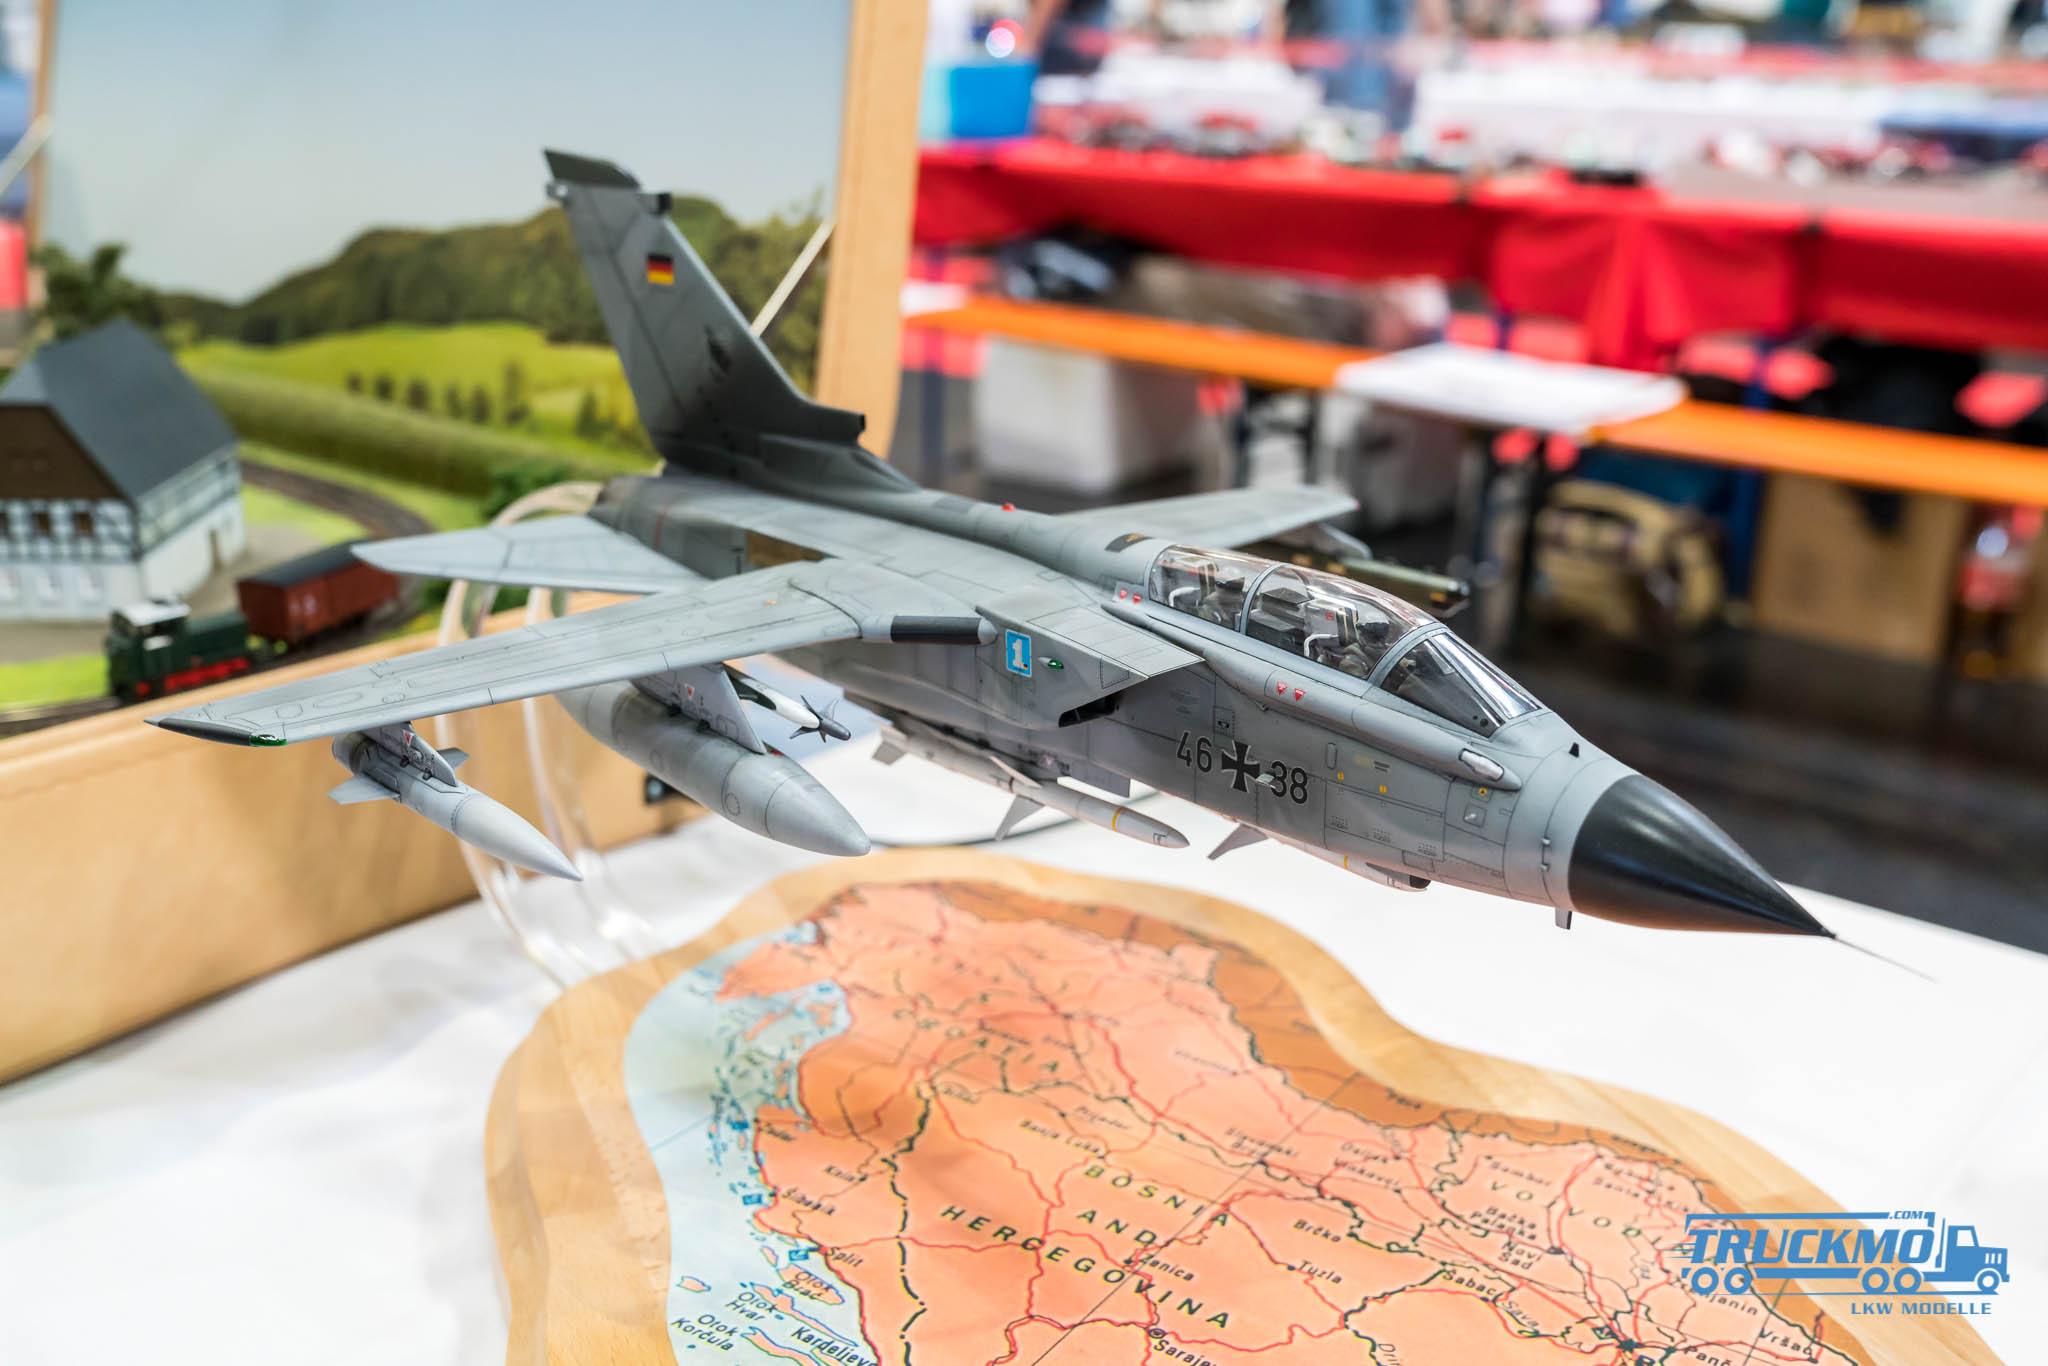 Truckmo_Modellbau_Ried_2017_Herpa_Messe_Modellbauausstellung (487 von 1177)